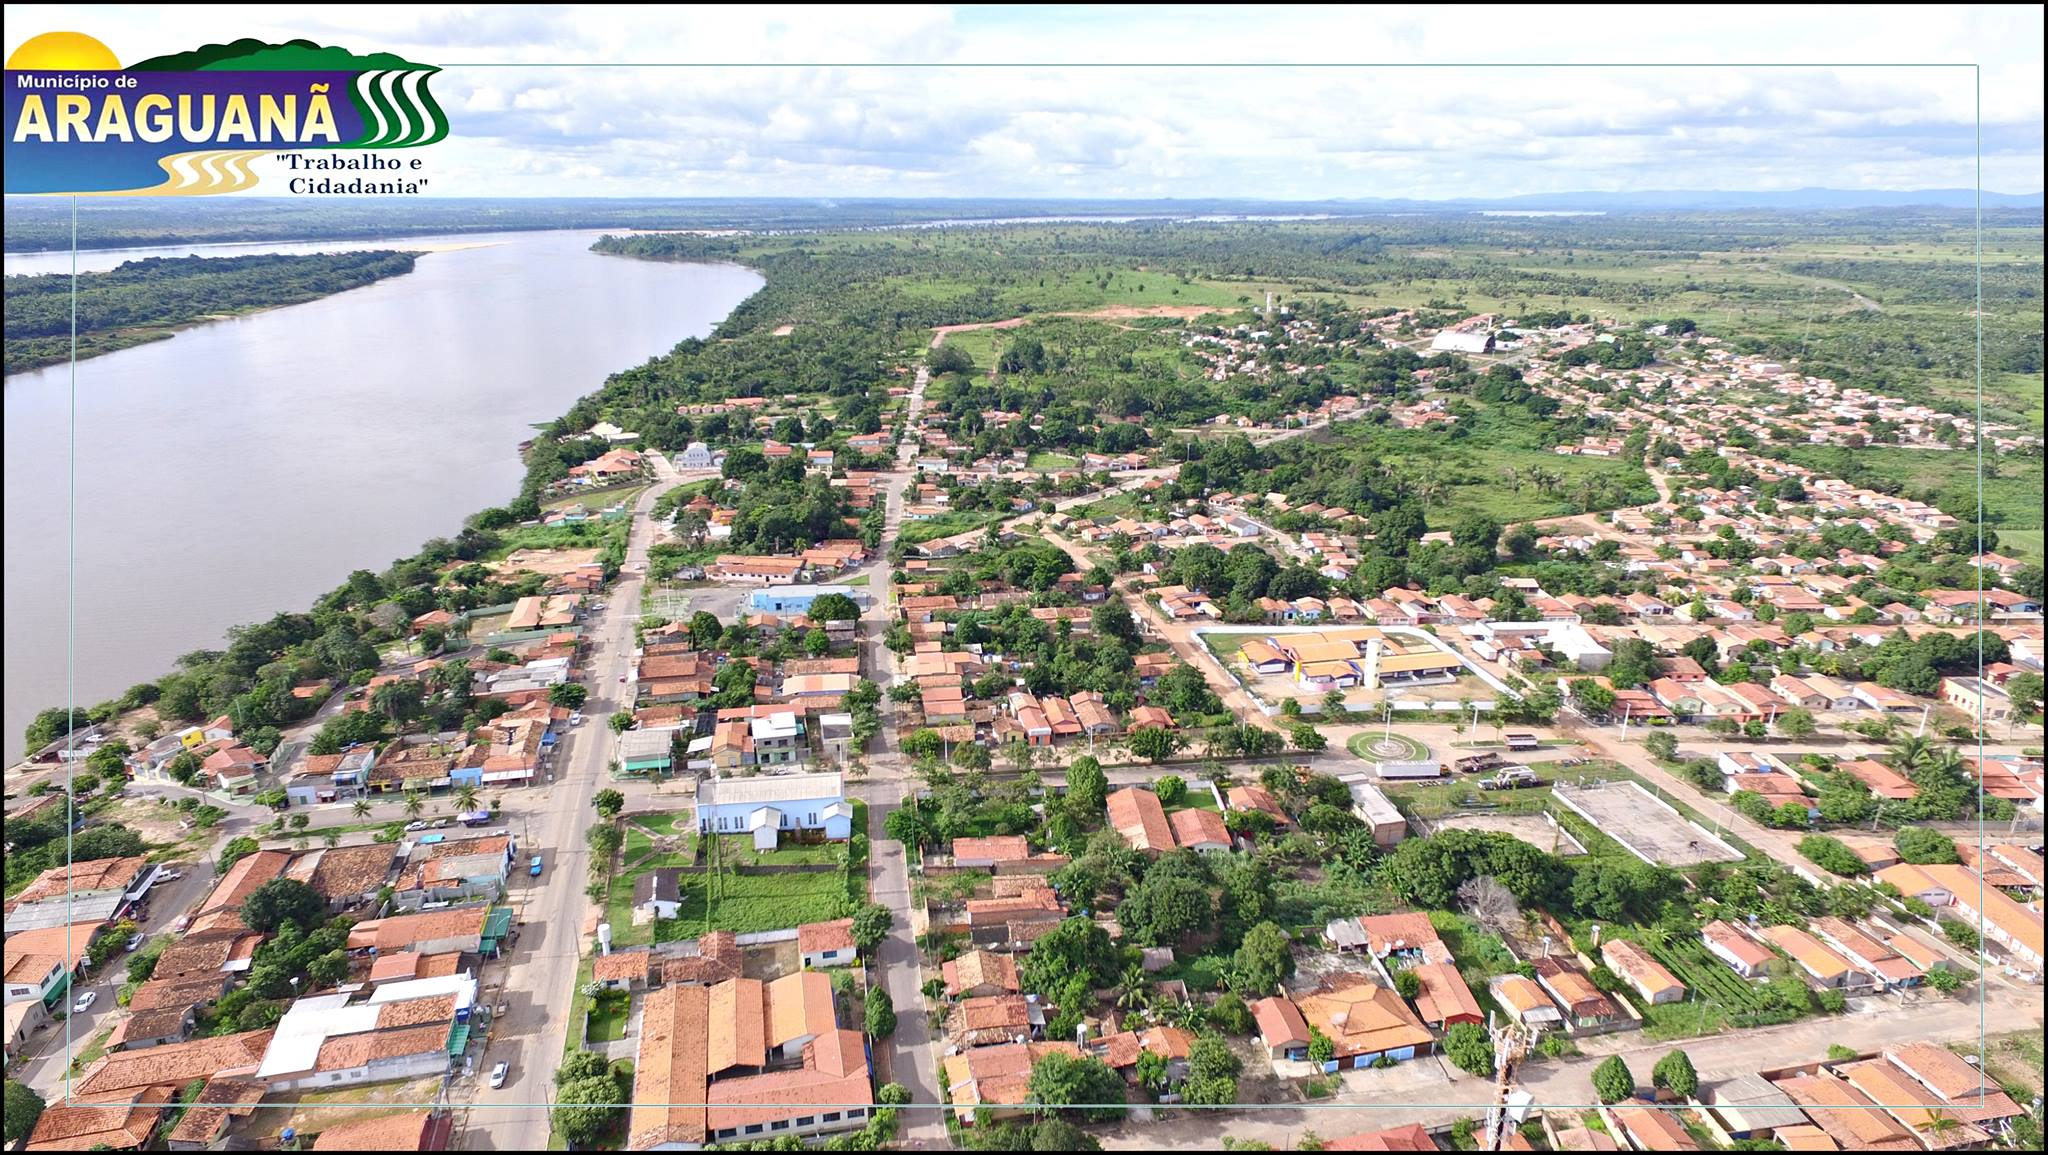 Eleição de Araguanã acontece neste domingo, 2, e tem duas chapas encabeçadas por mulheres